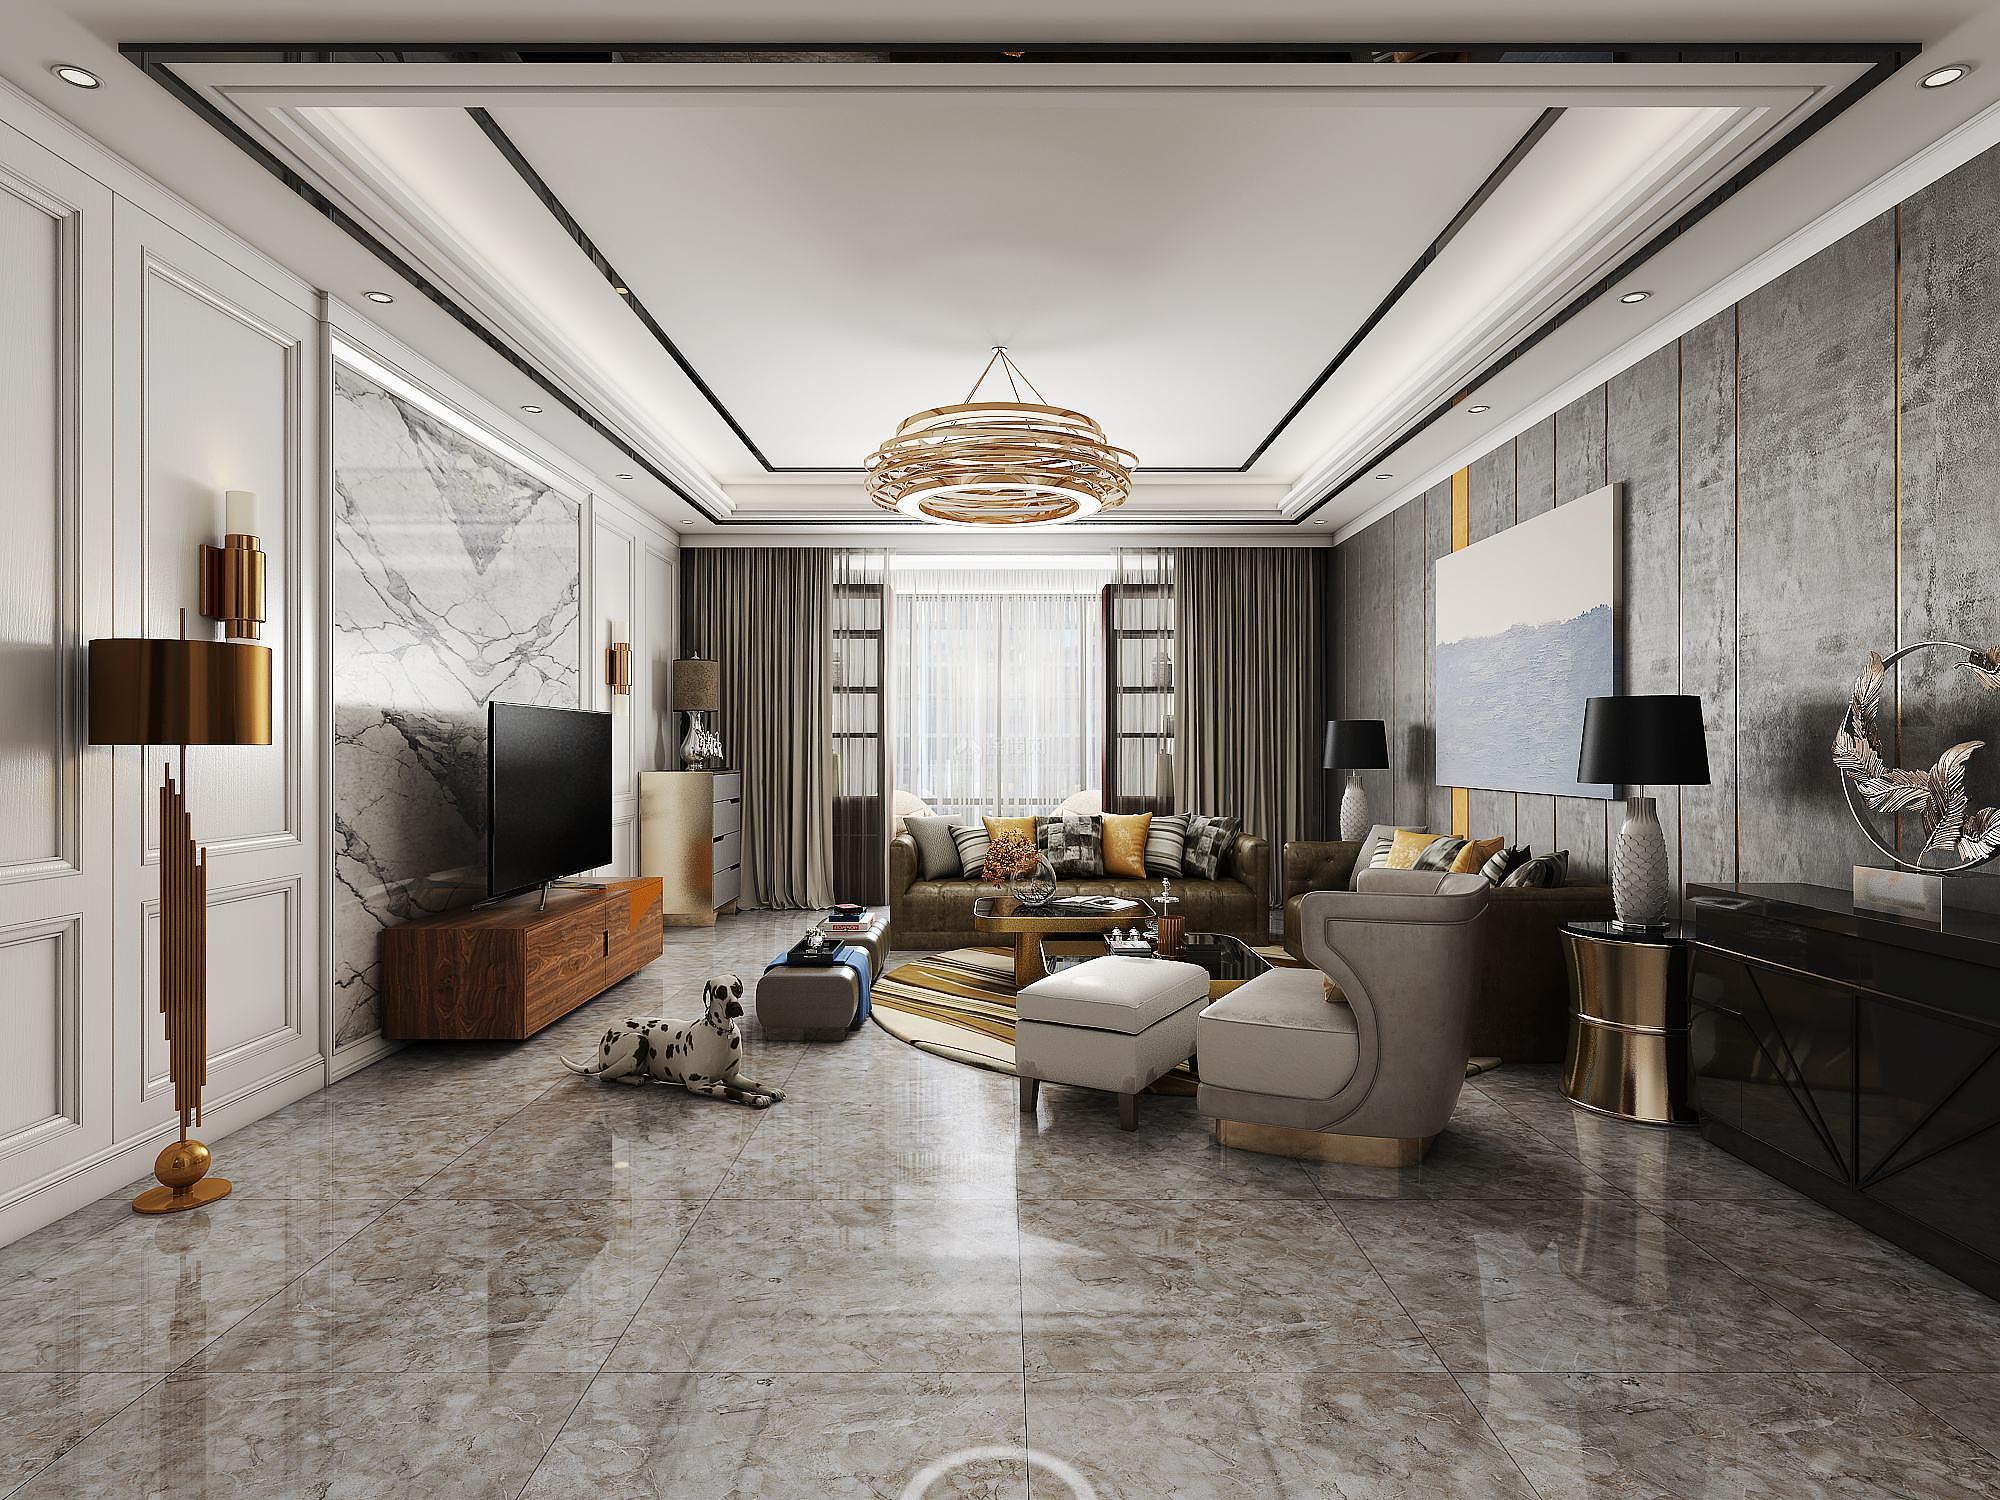 窗帘与室内装修色调的搭配—后现代风格